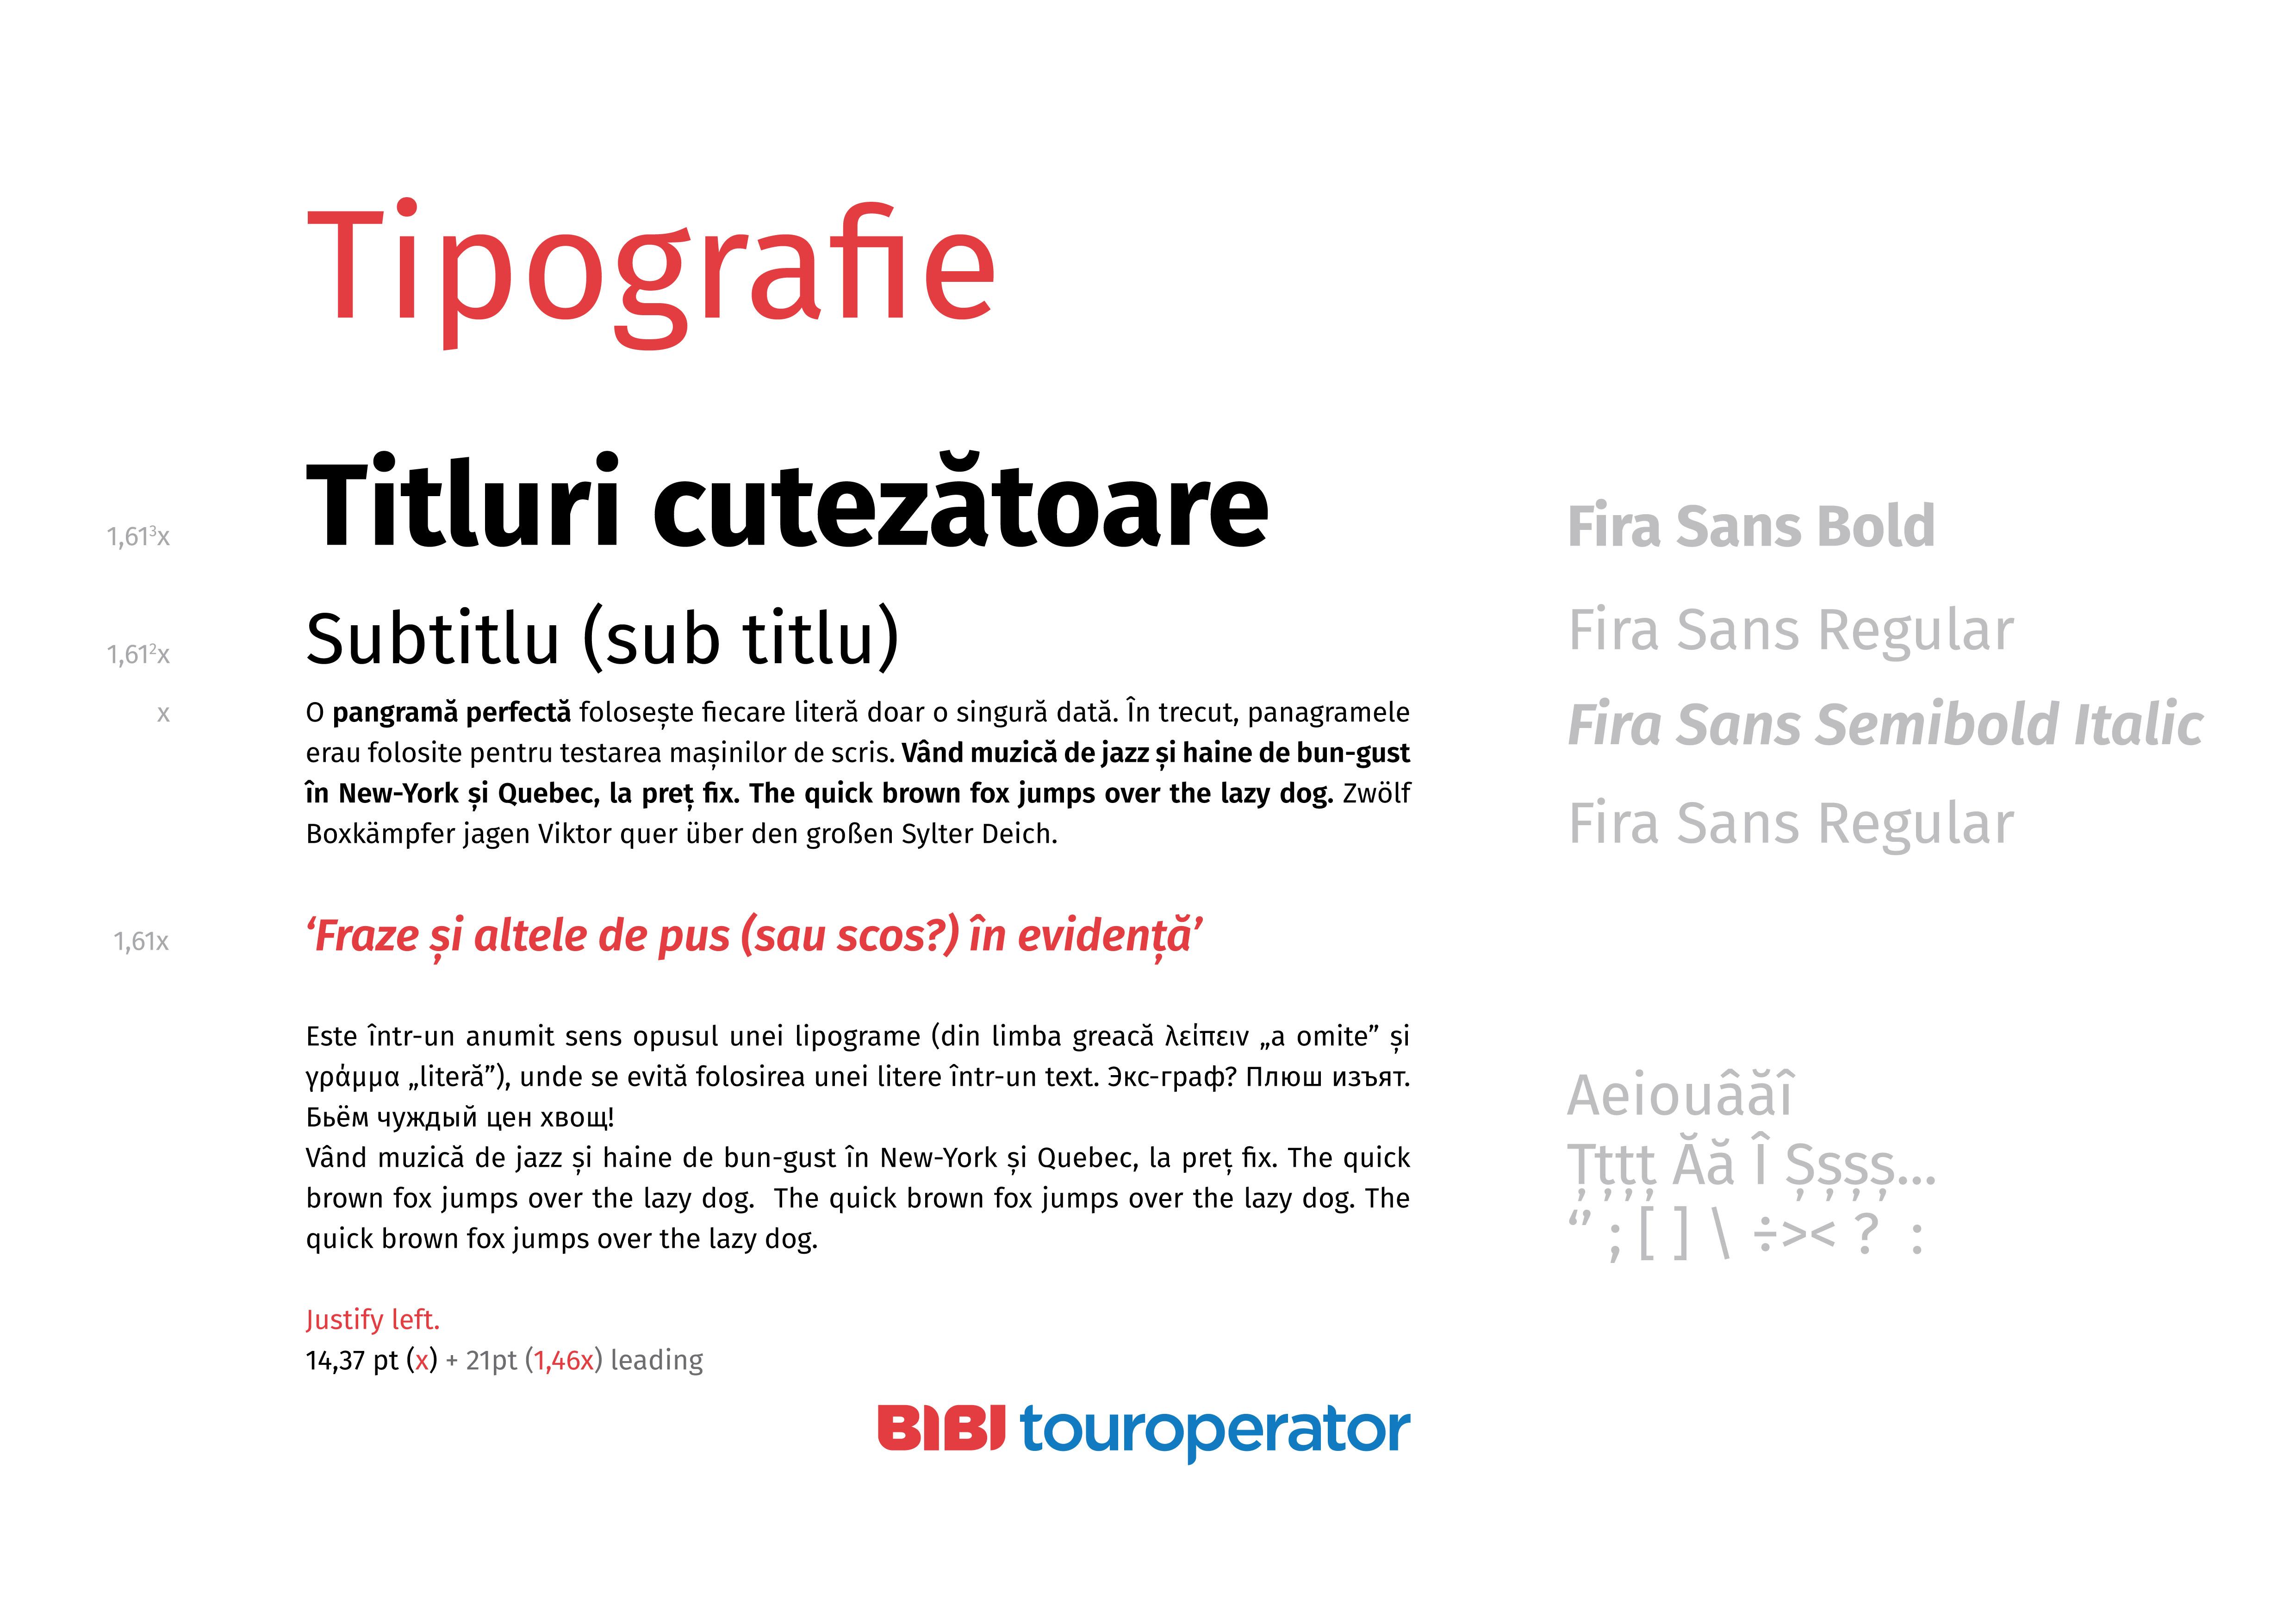 bibi-touroperator-rebranding-10